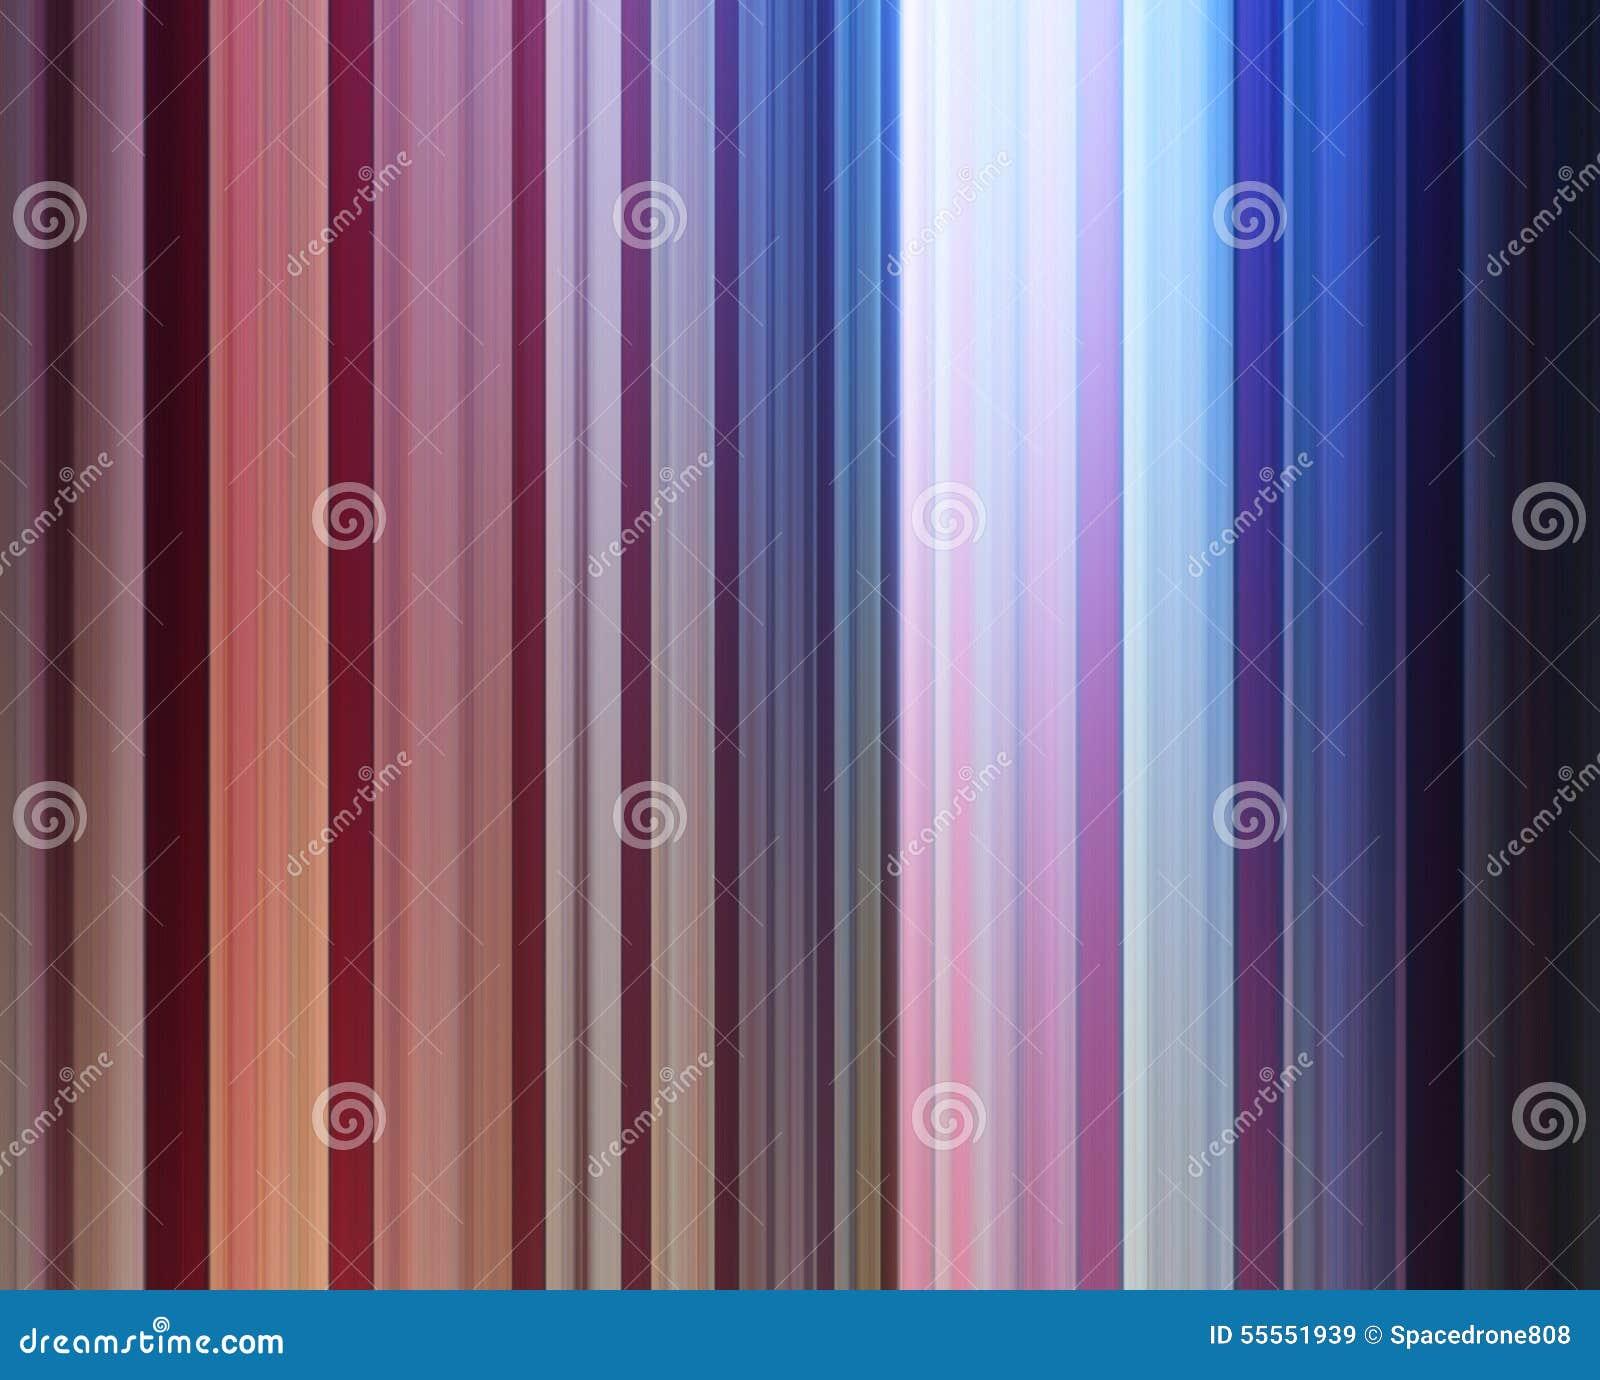 Papier Peint Lumineux Vibrant Horizontal De Bleu De Rose De Lueur